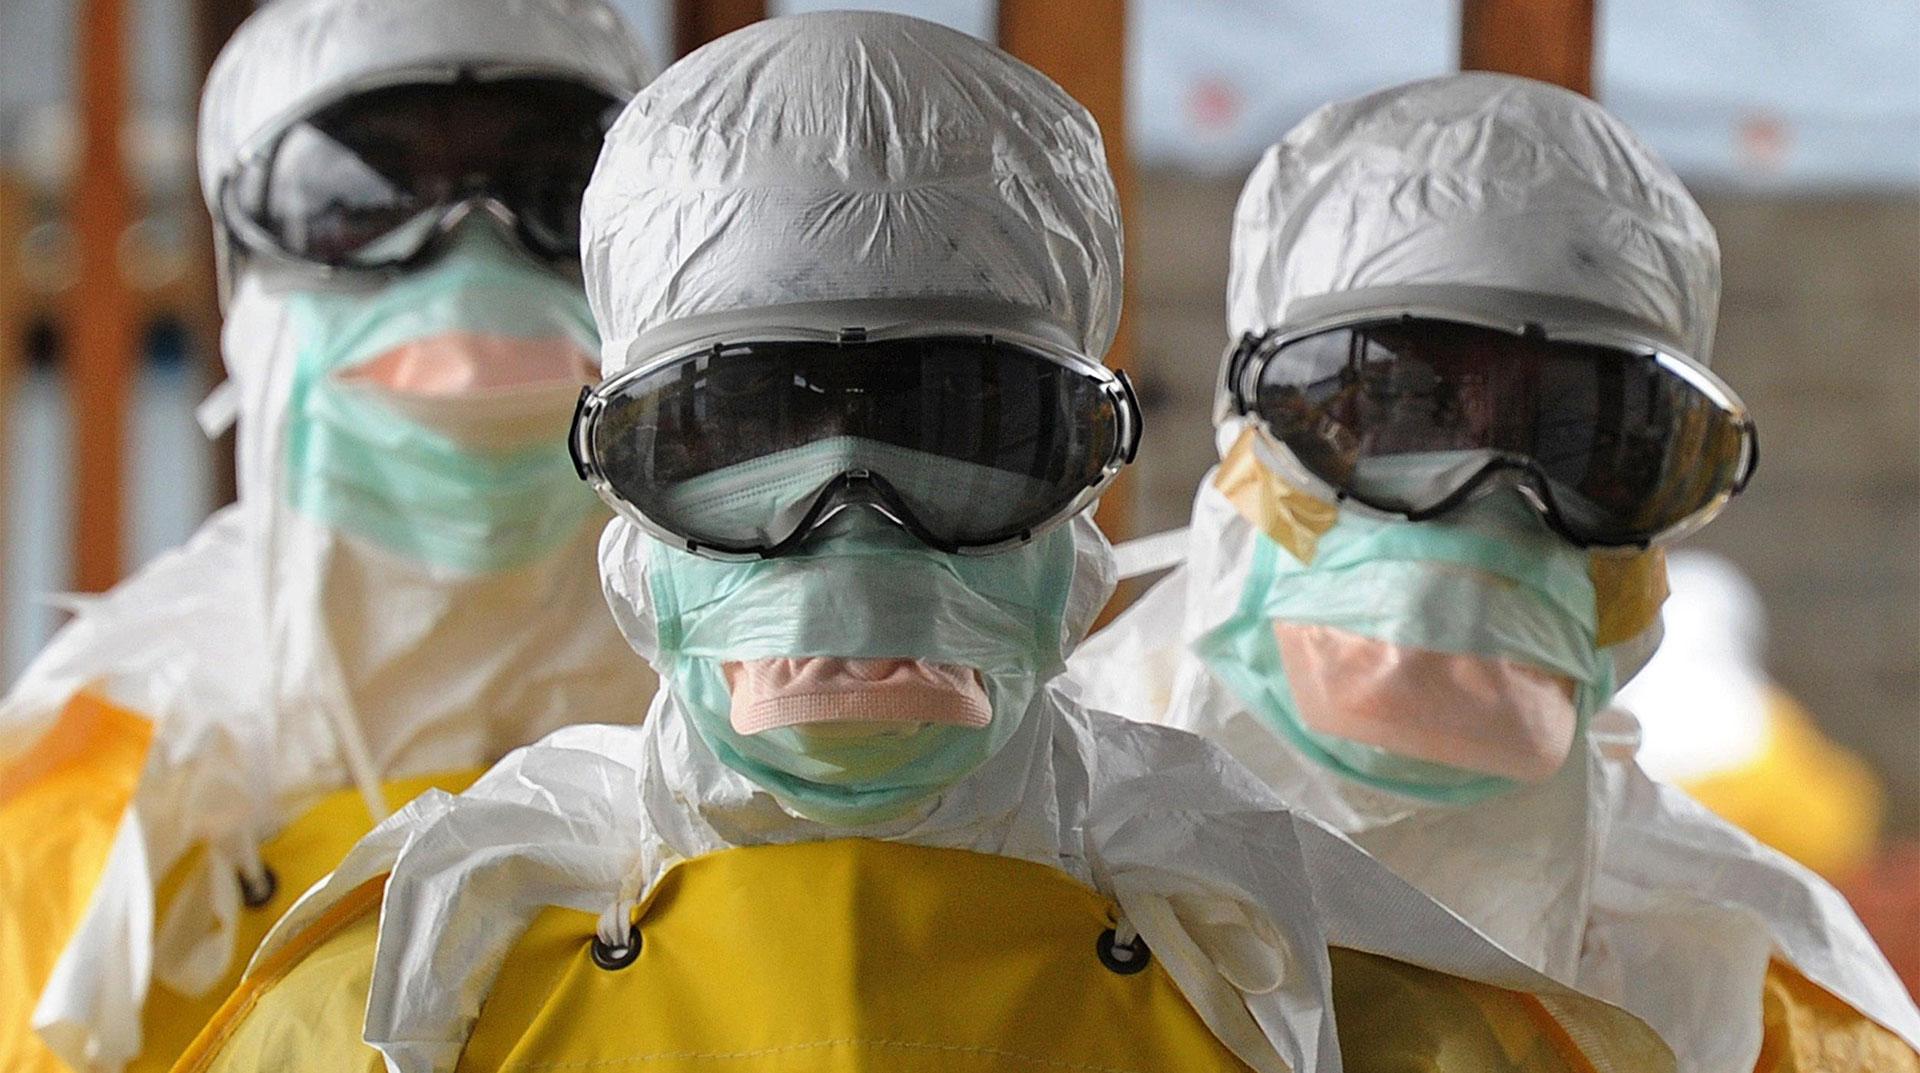 DSÖ İlk Ebola Aşısını Onayladı